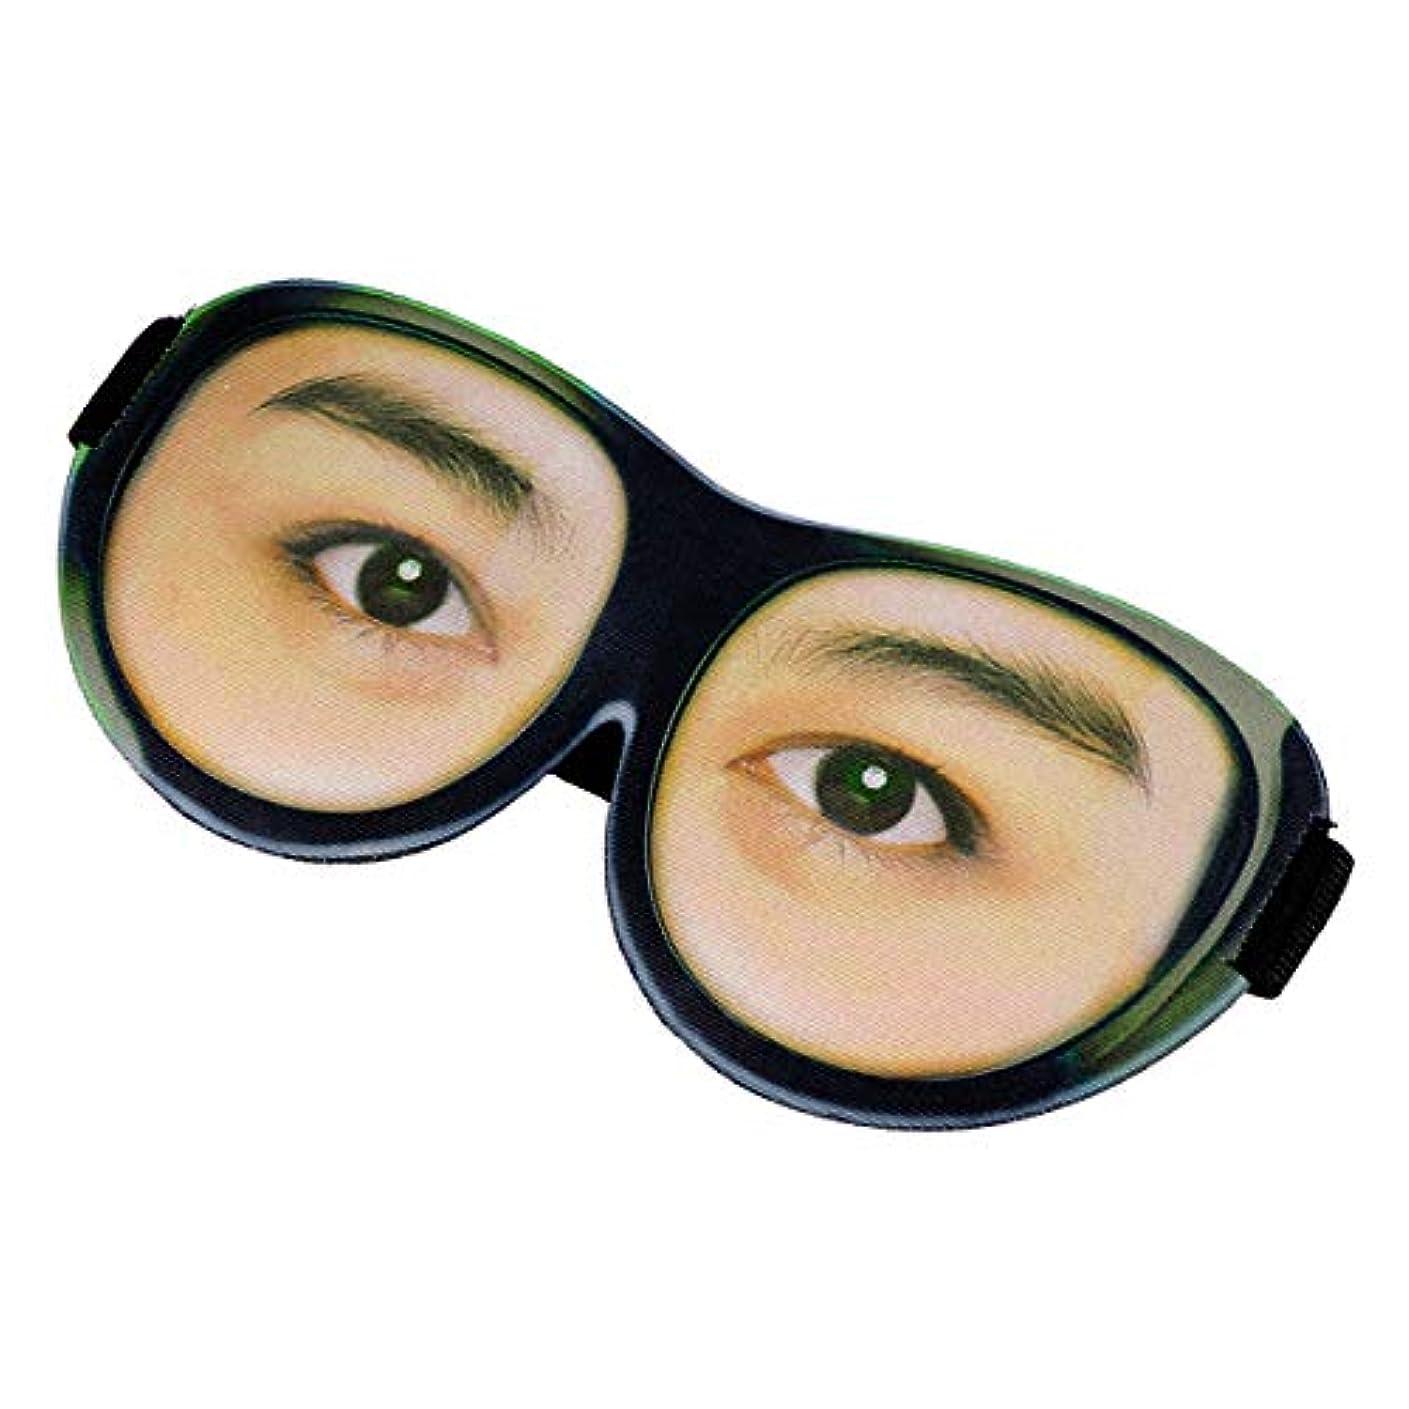 ベリけん引同志Beaupretty 睡眠マスクメガネ面白い3D調節可能ストラップ付きアイマスクアイシェード睡眠用アイシェード